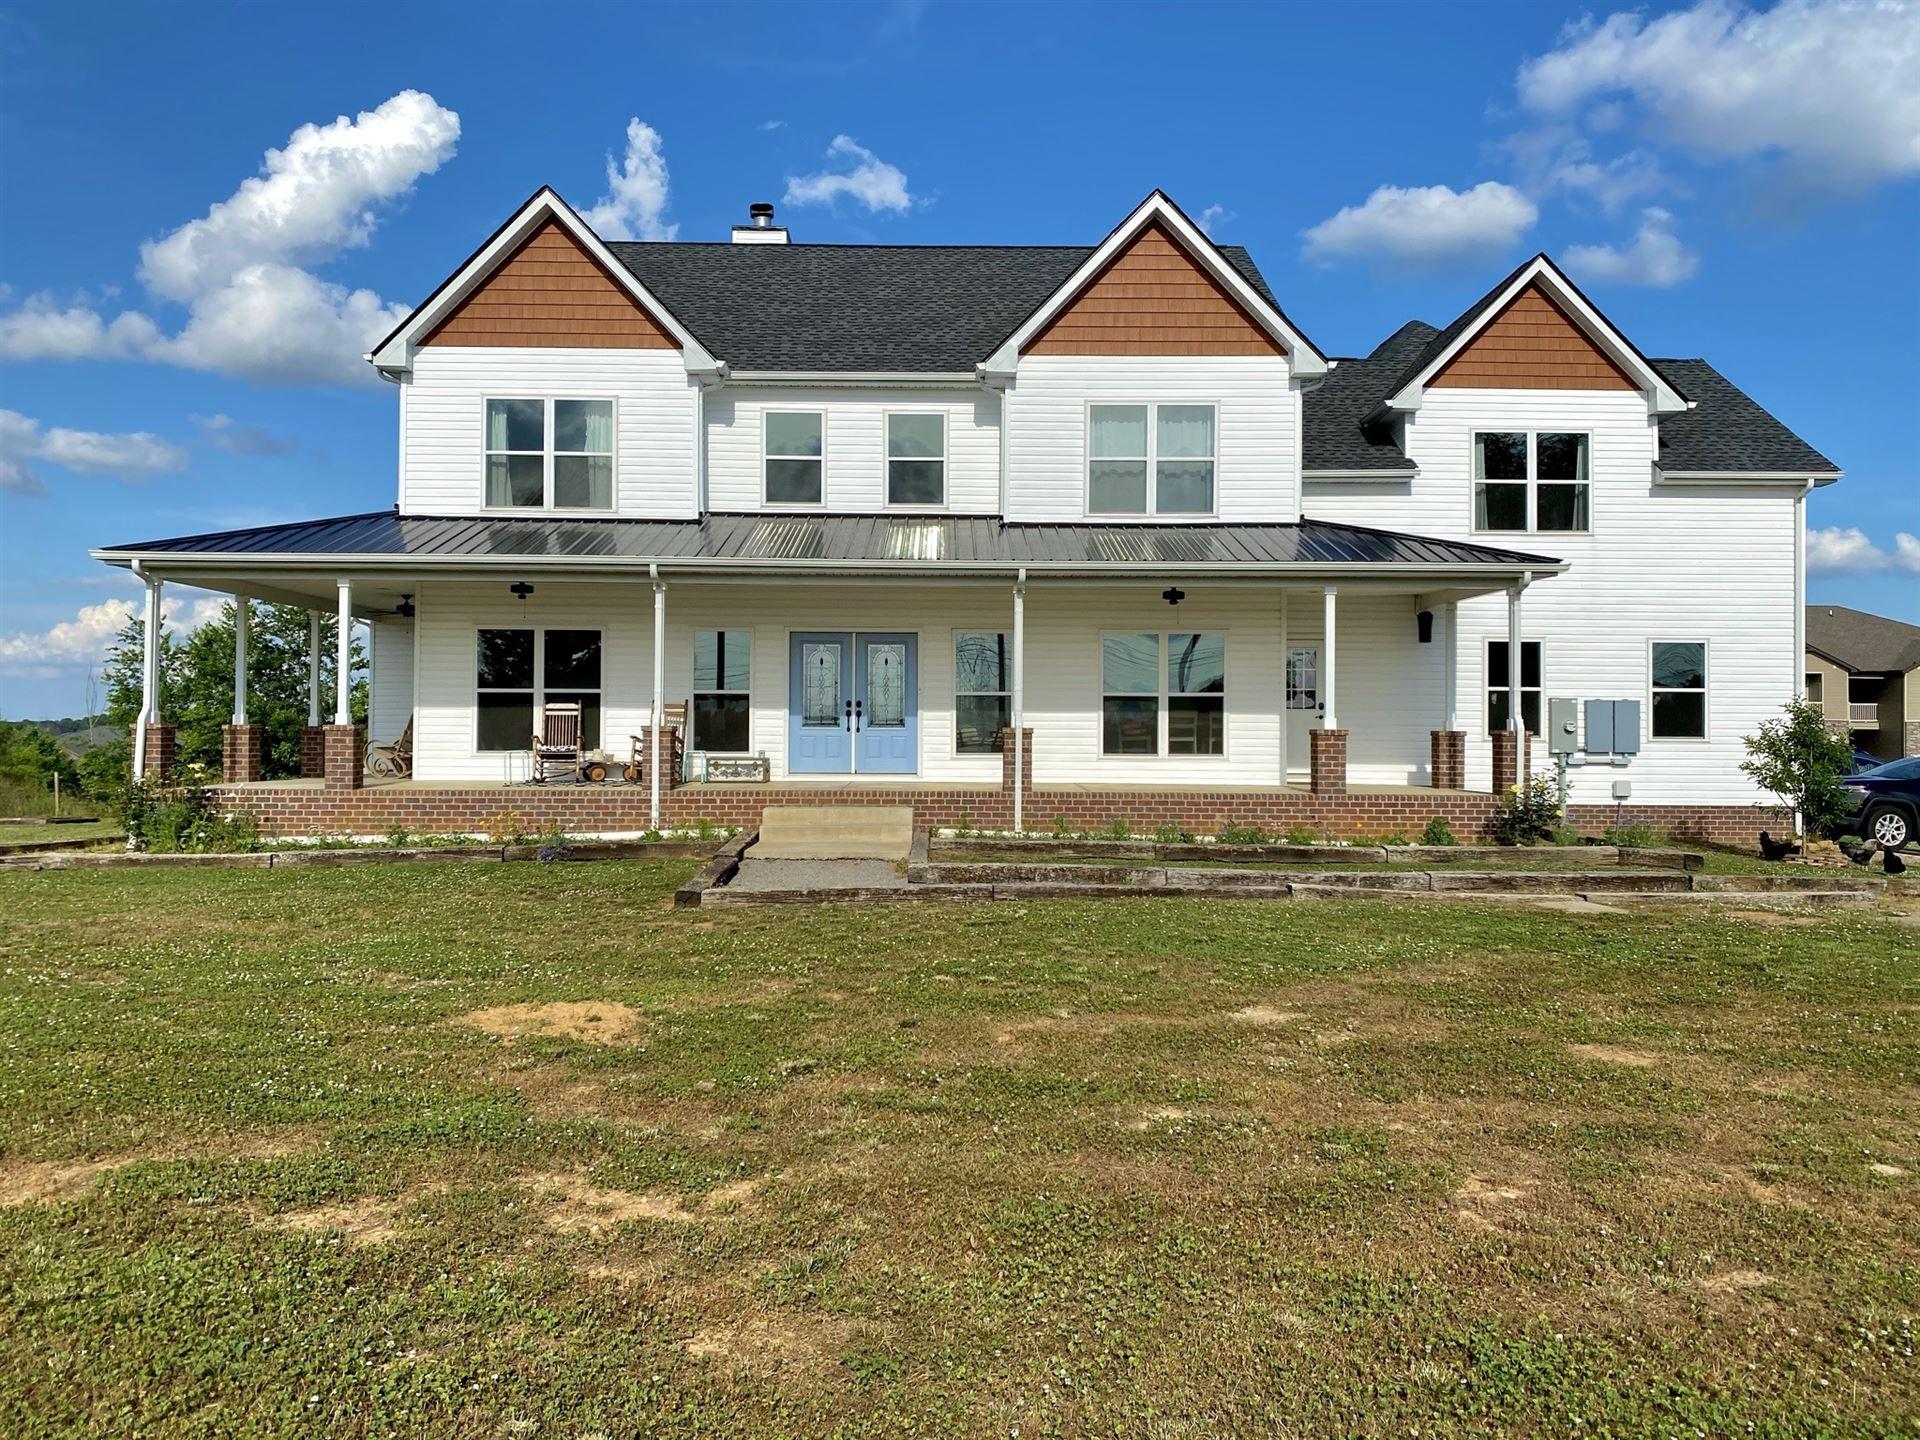 2485 Rollow Ln, Clarksville, TN 37043 - MLS#: 2257961